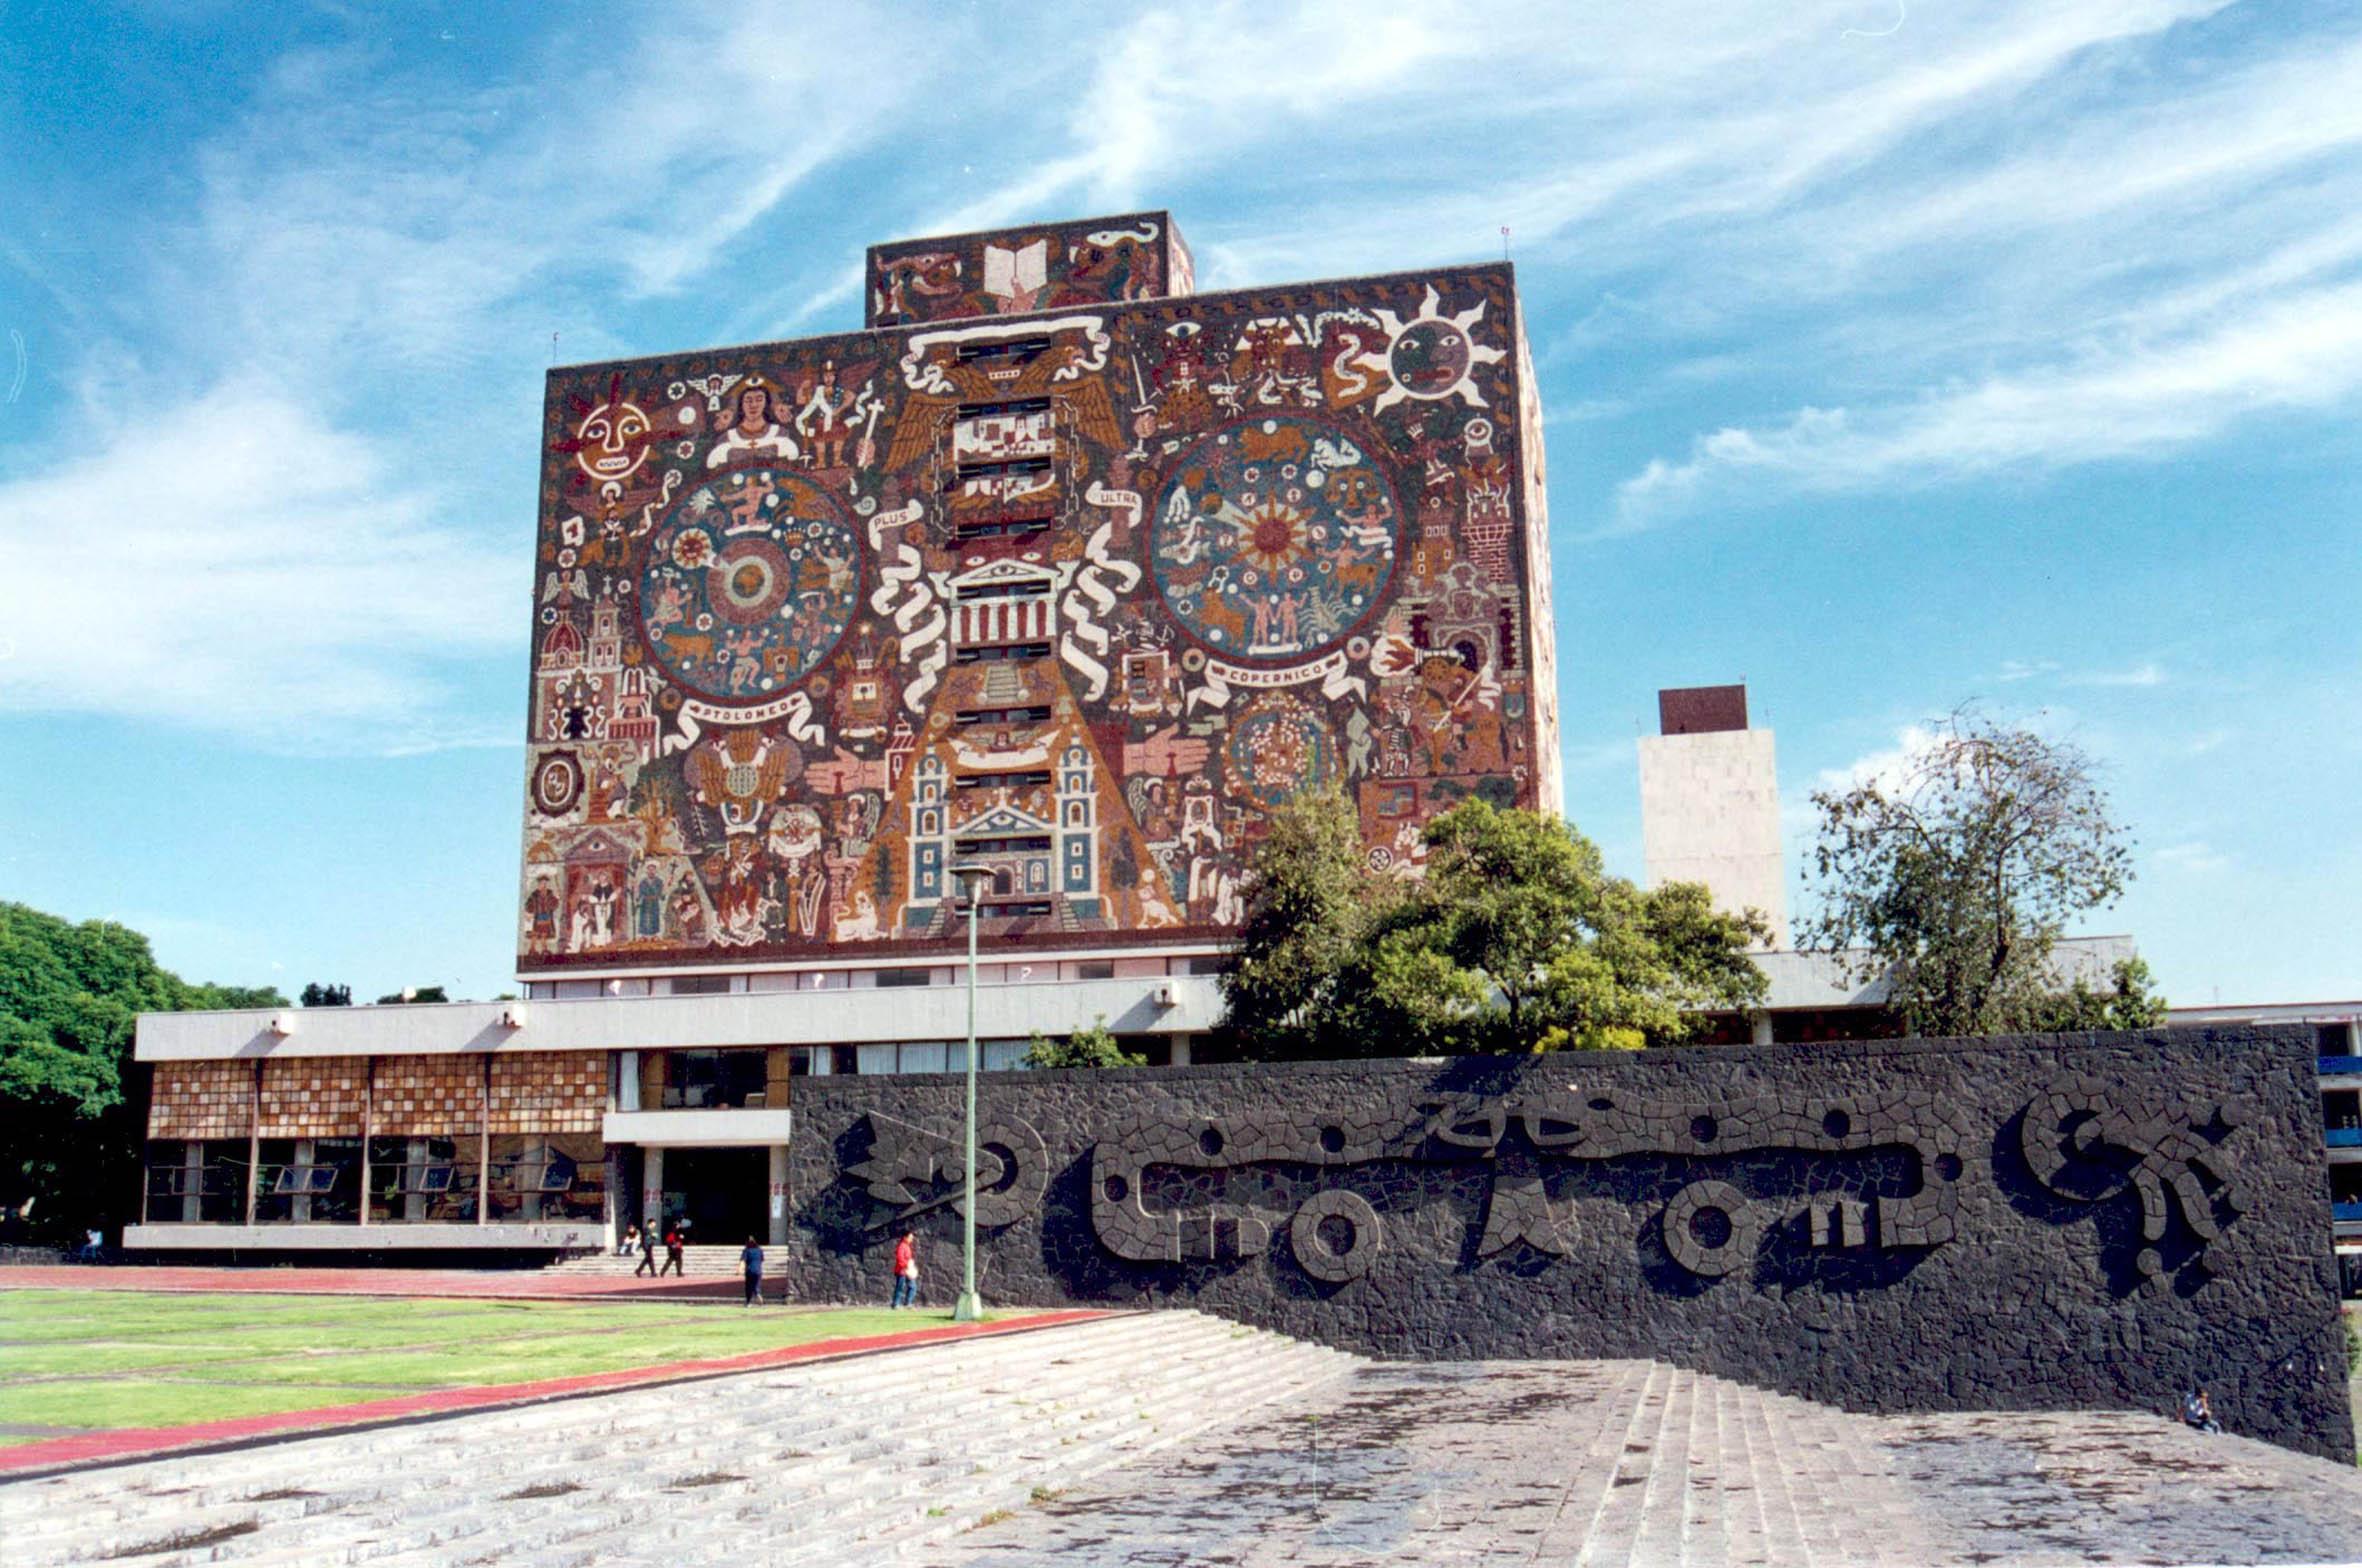 LA BIBLIOTECA CENTRAL DE LA UNAM SE ERIGE COMO EL EDIFICIO MÁS FOTOGRAFIADO DEL PAÍS